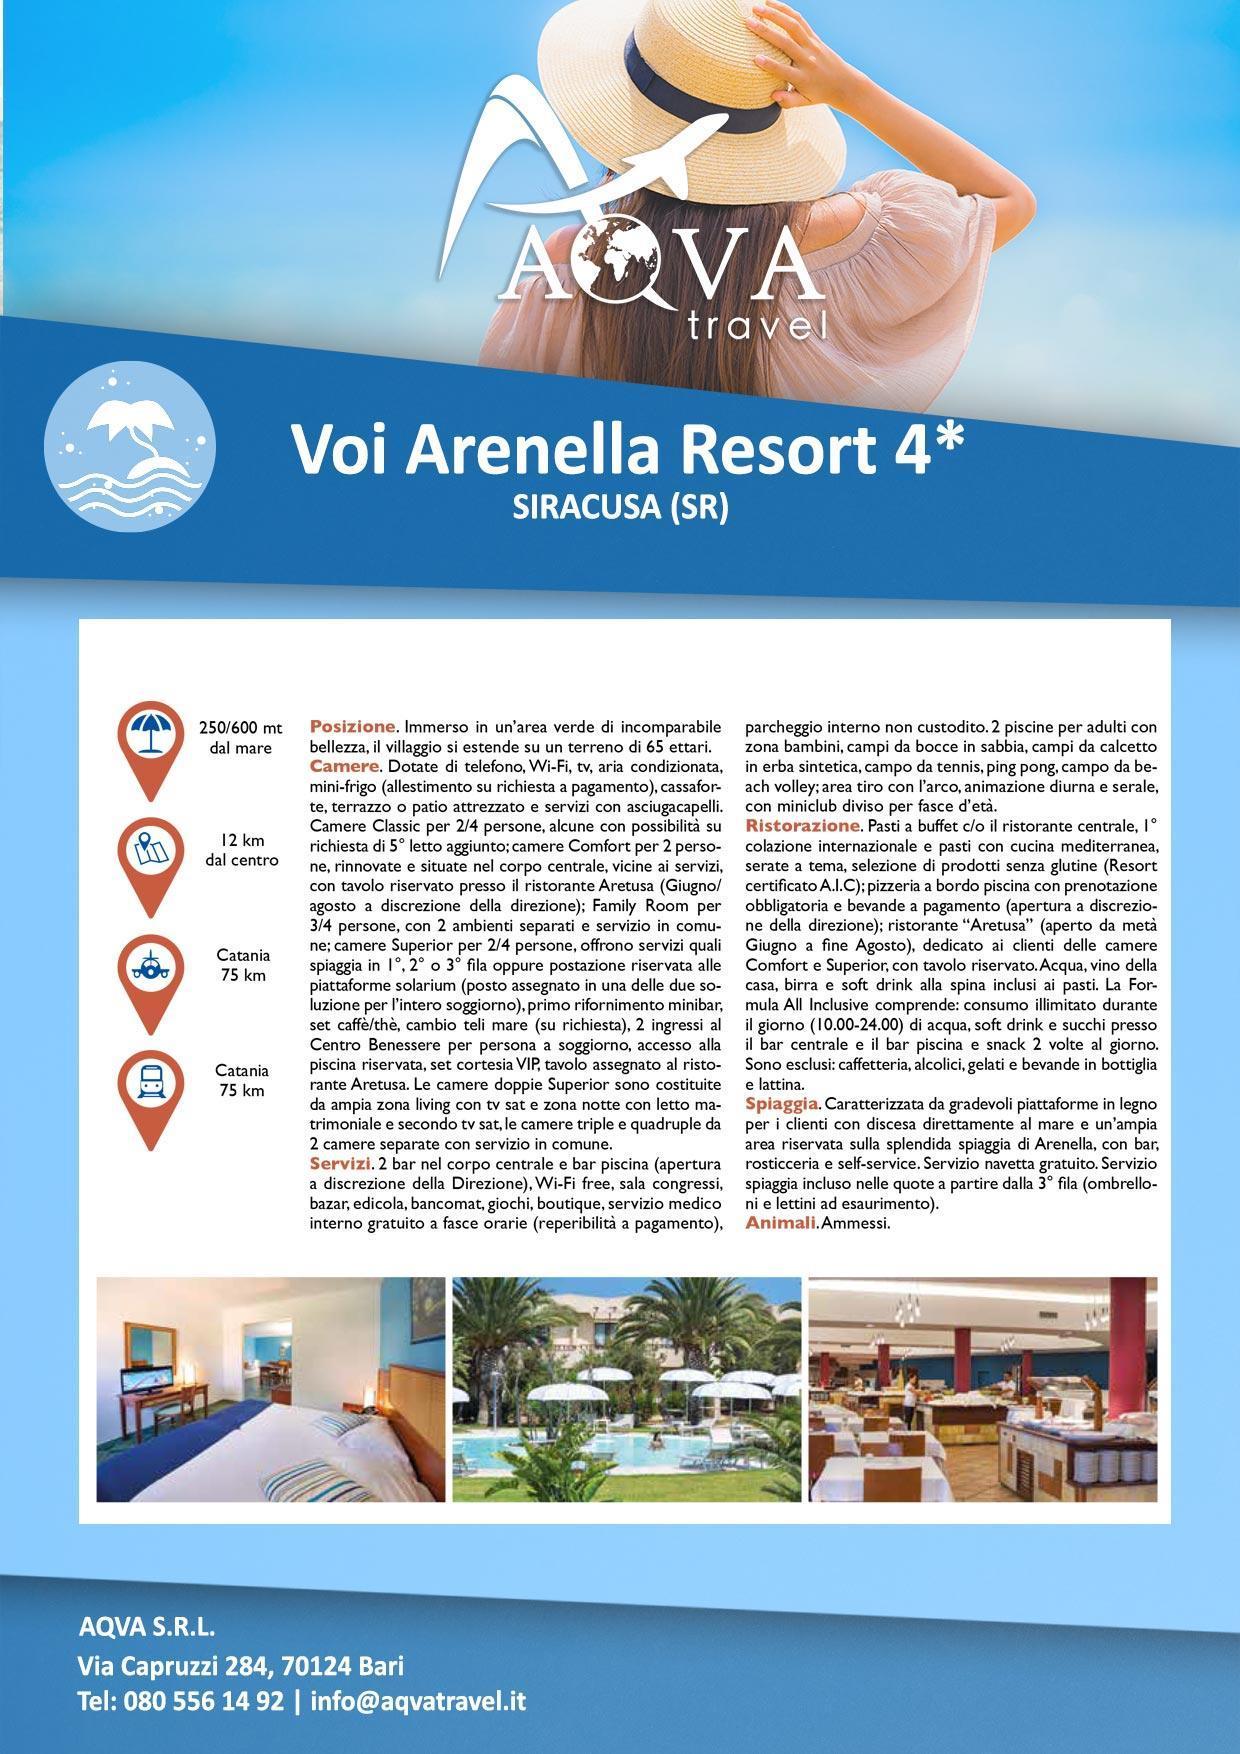 Voi-Arenella-Resort-4-Mare-offerte-agenzia-di-viaggi-Bari-AQVATRAVEL-it